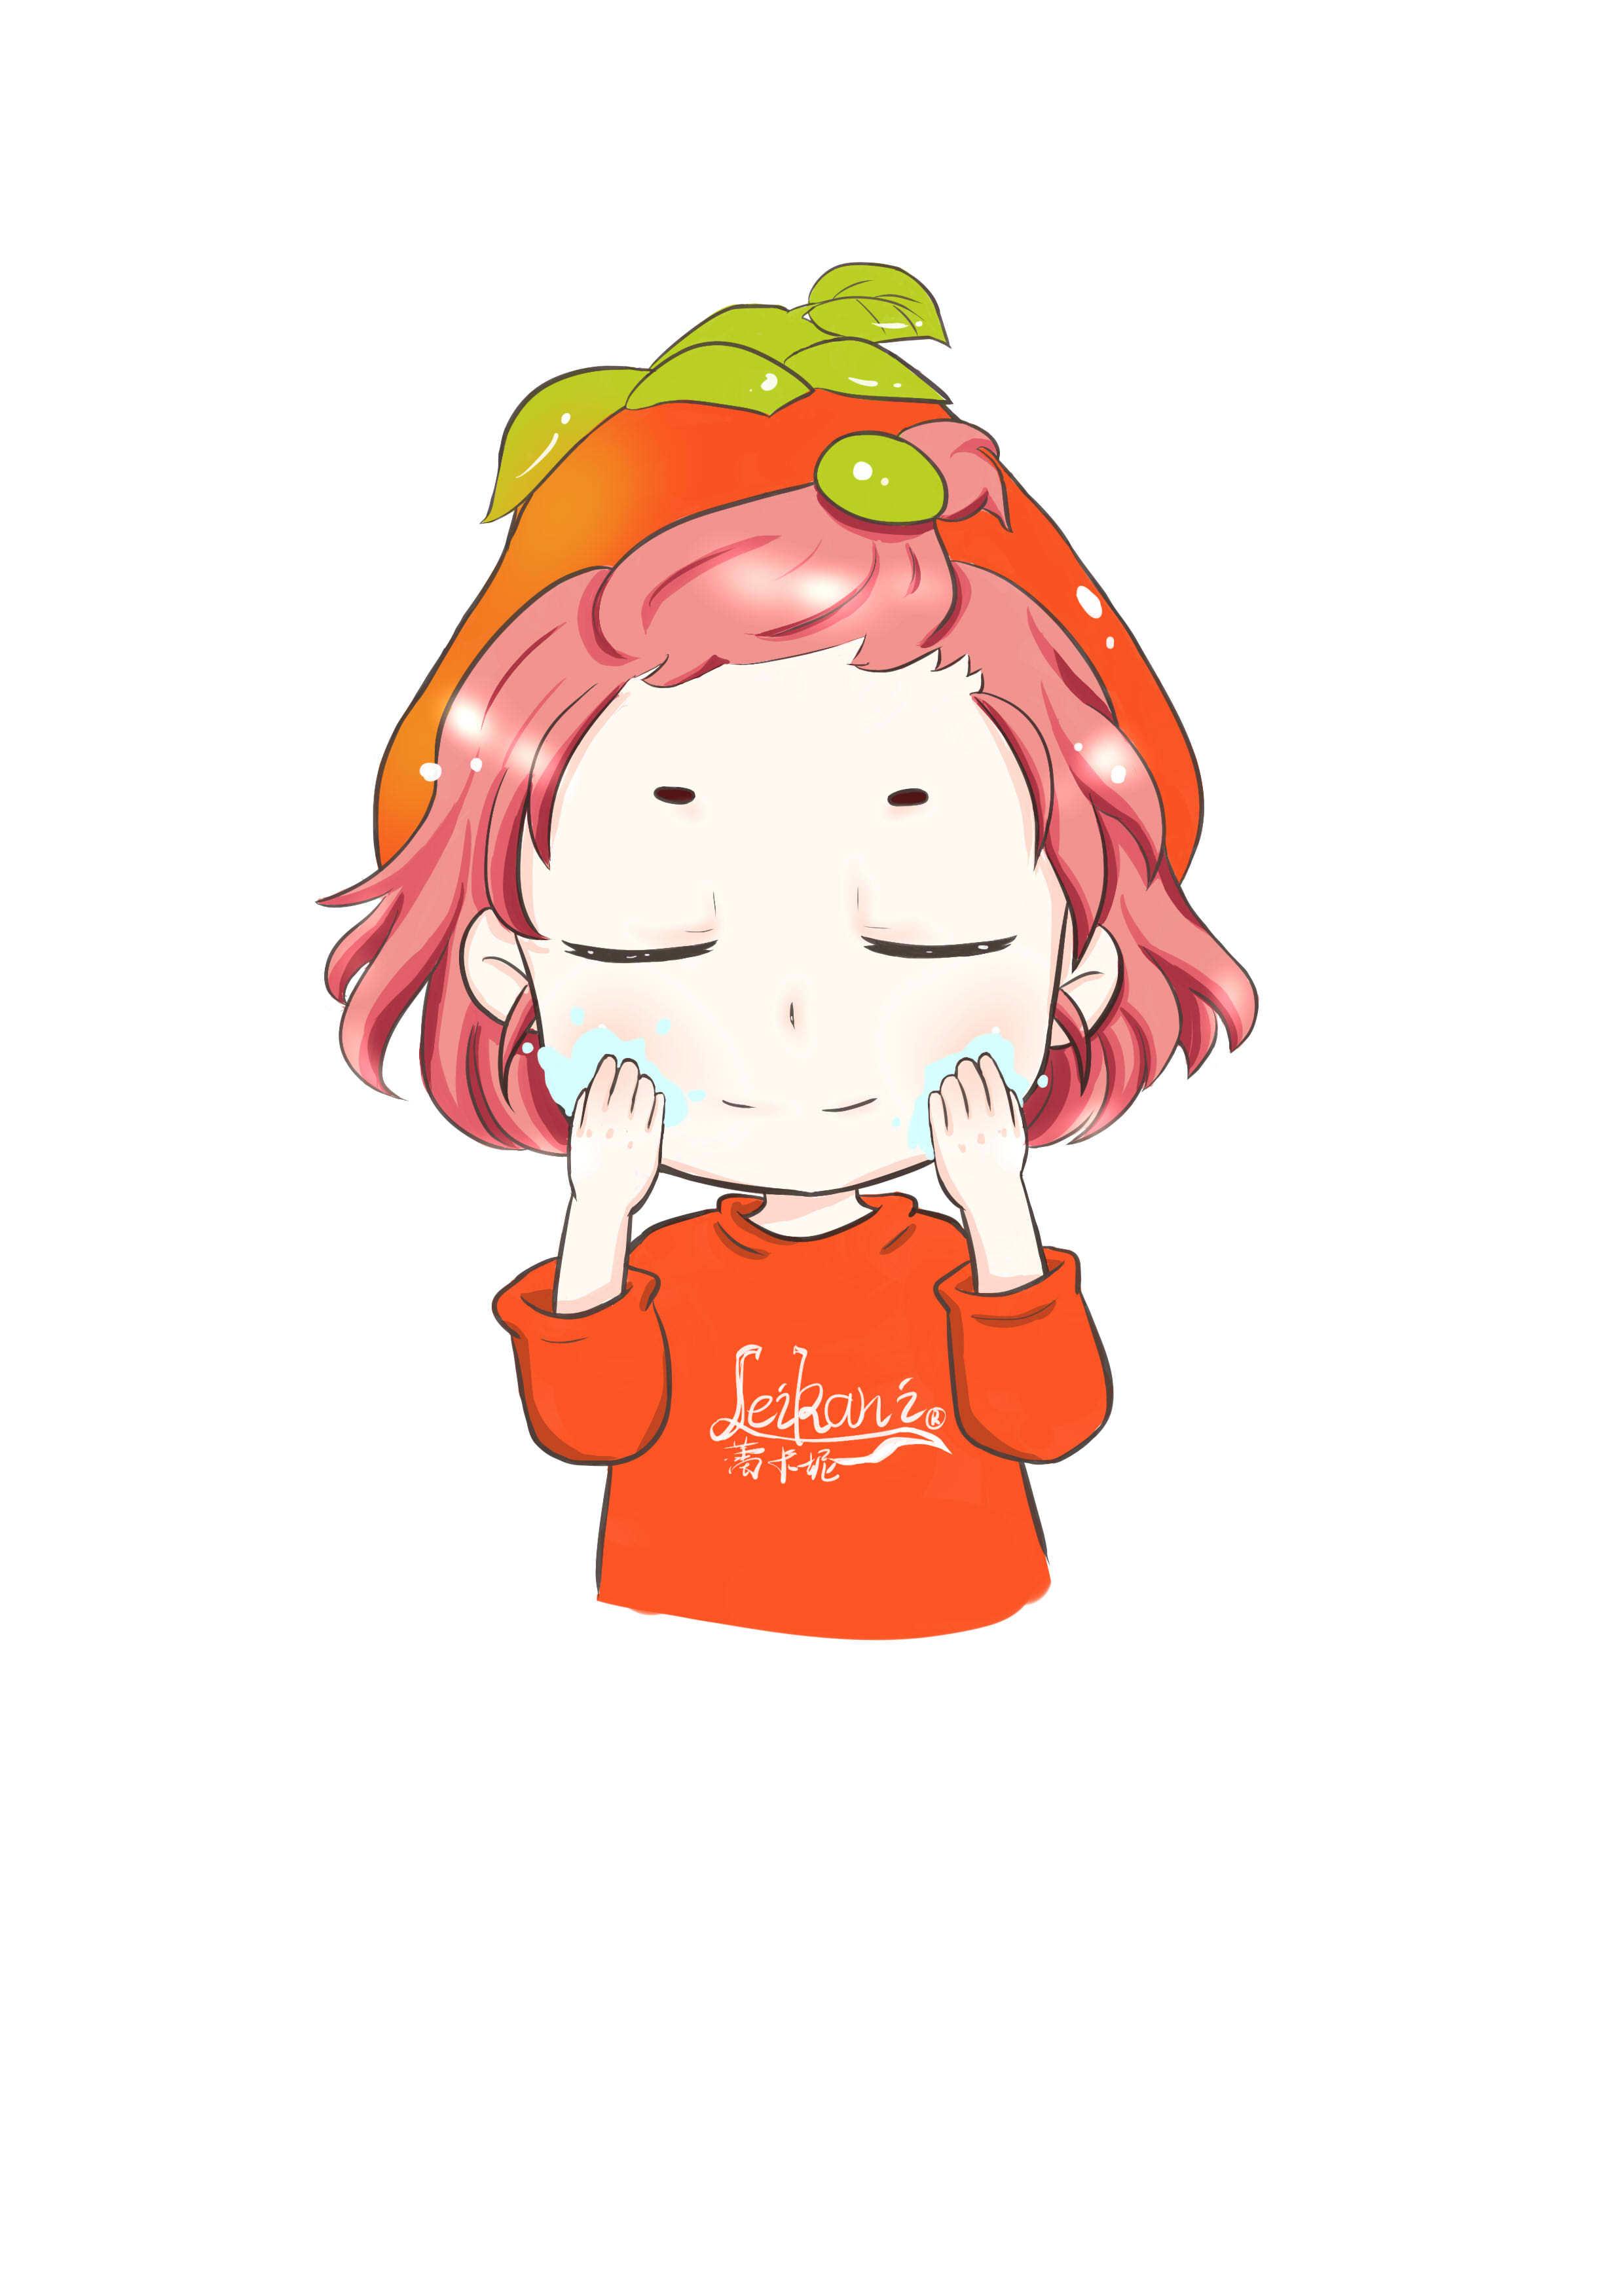 蕾卡妮枸杞q版小形象|动漫|单幅漫画|zqf100904731